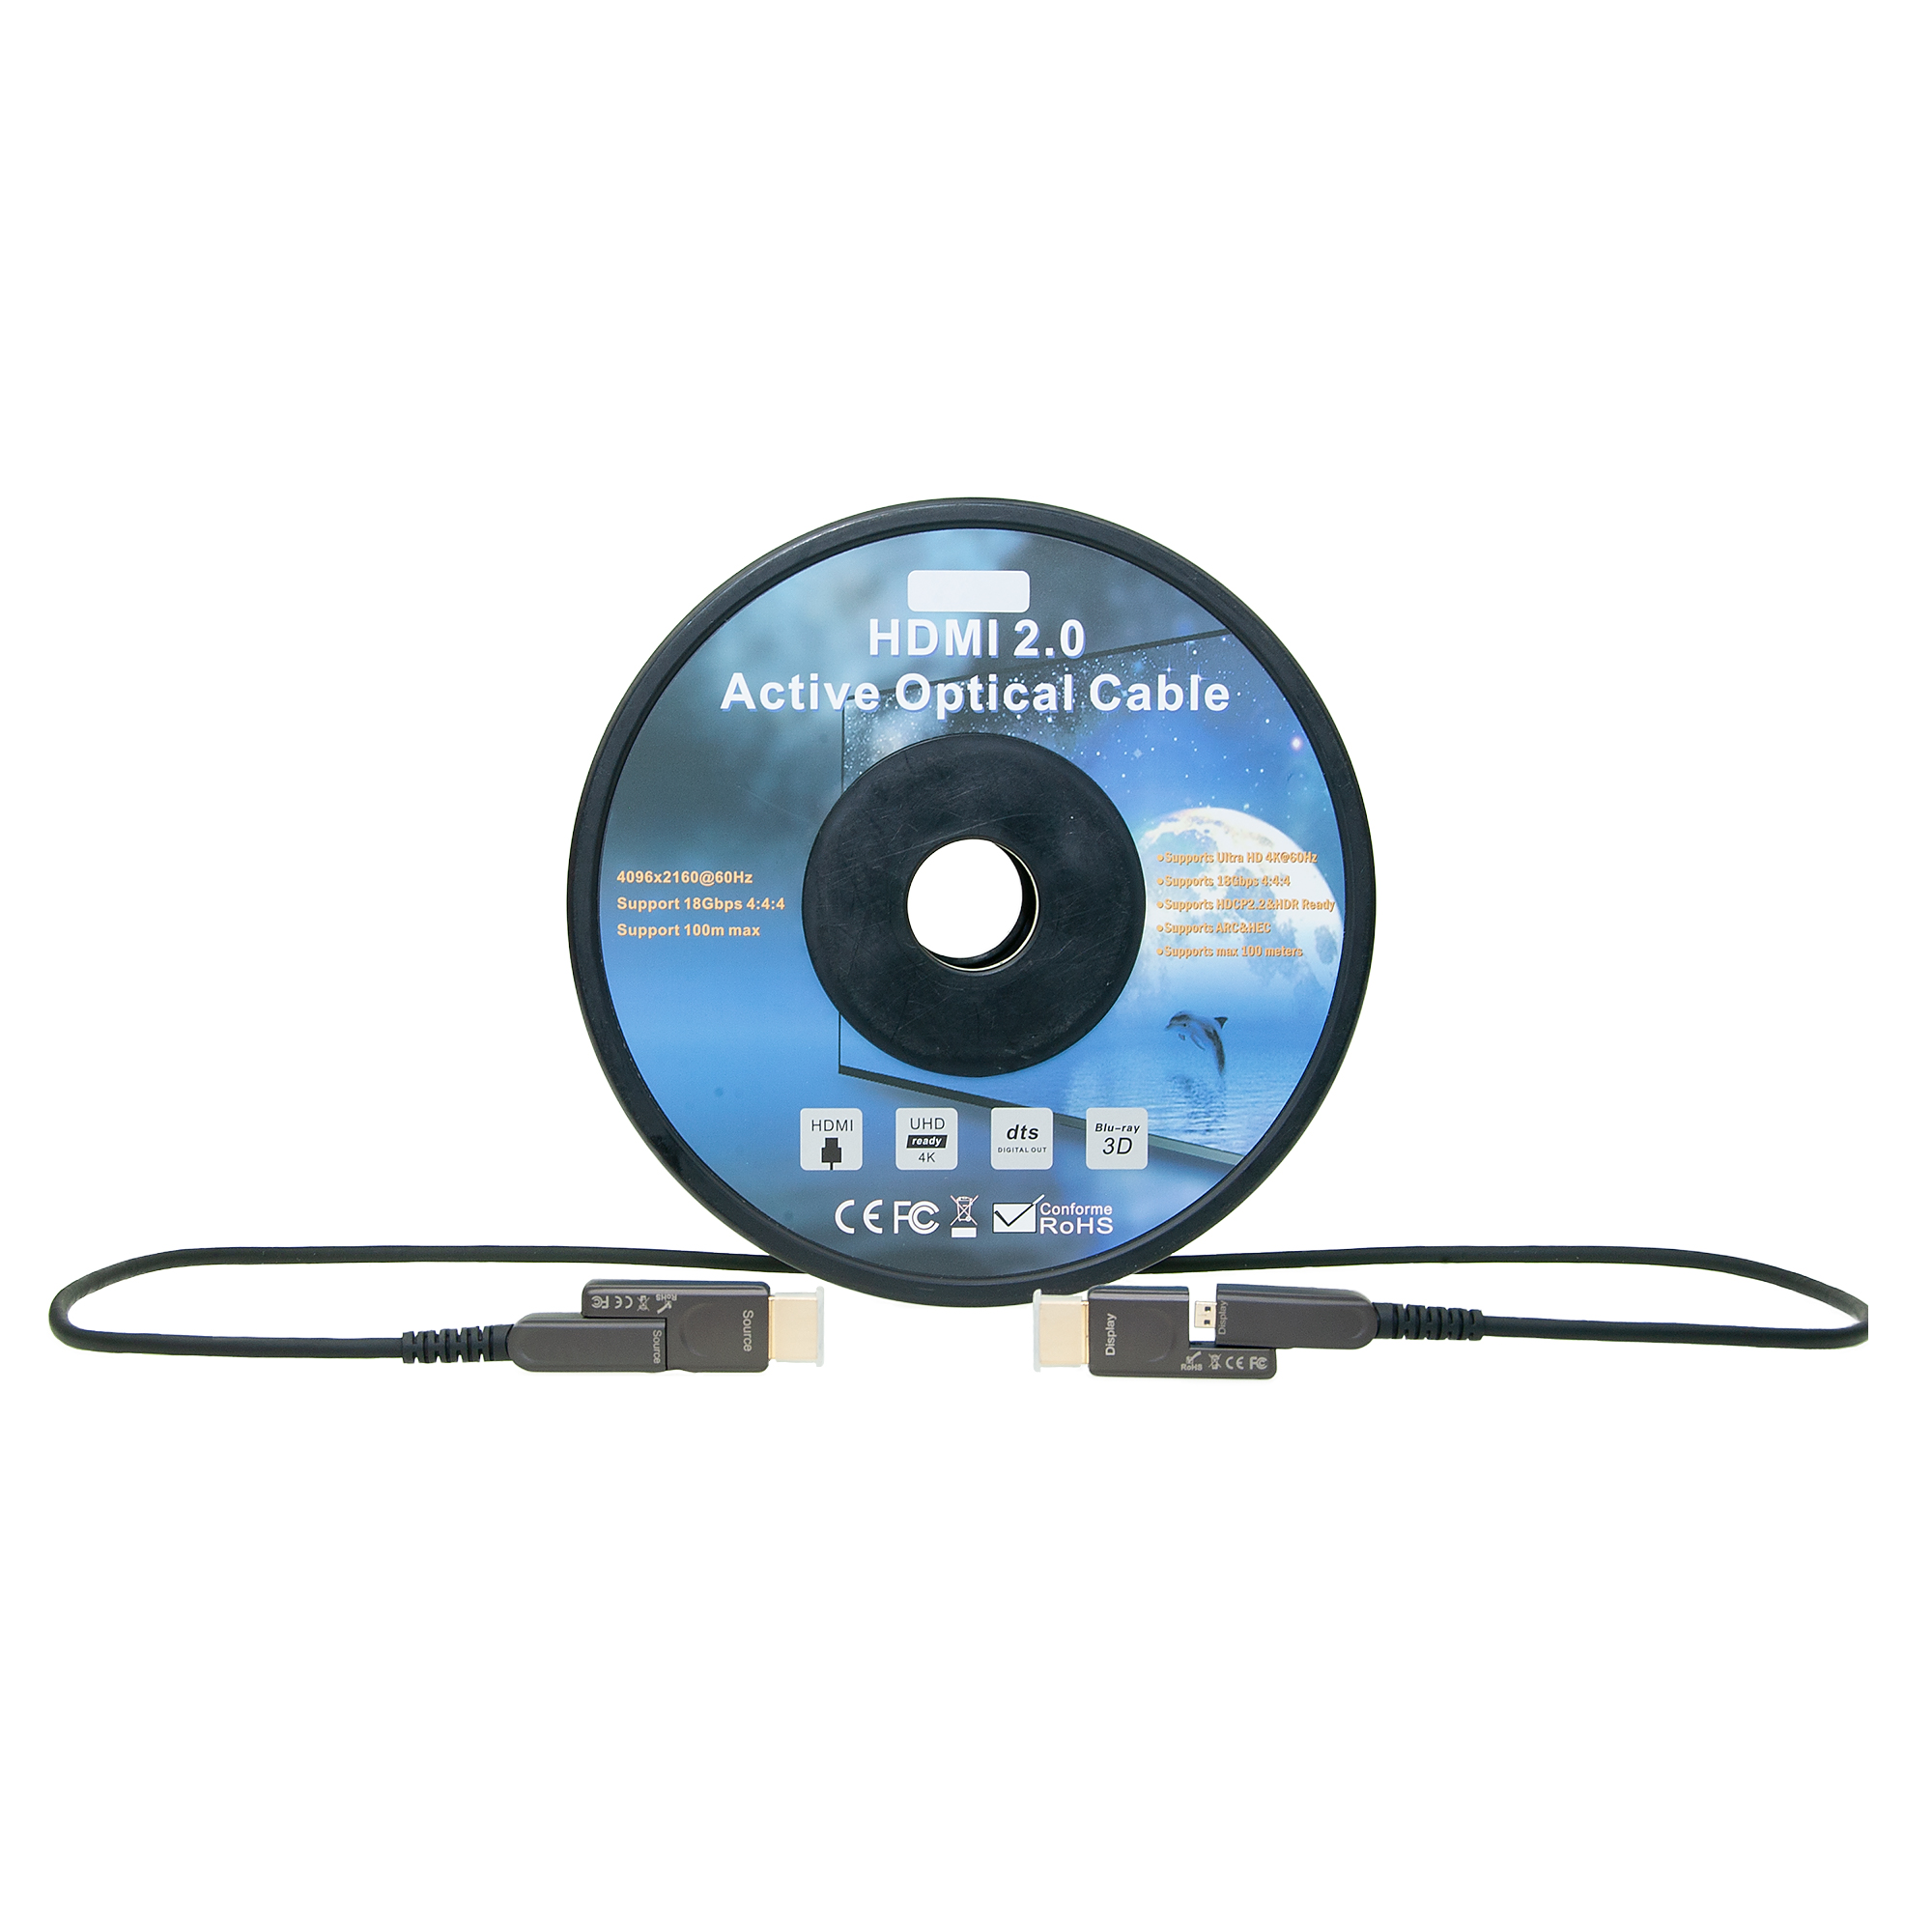 4K HDMI Active Optical Cable, AOC, Detachable Ends, 50m